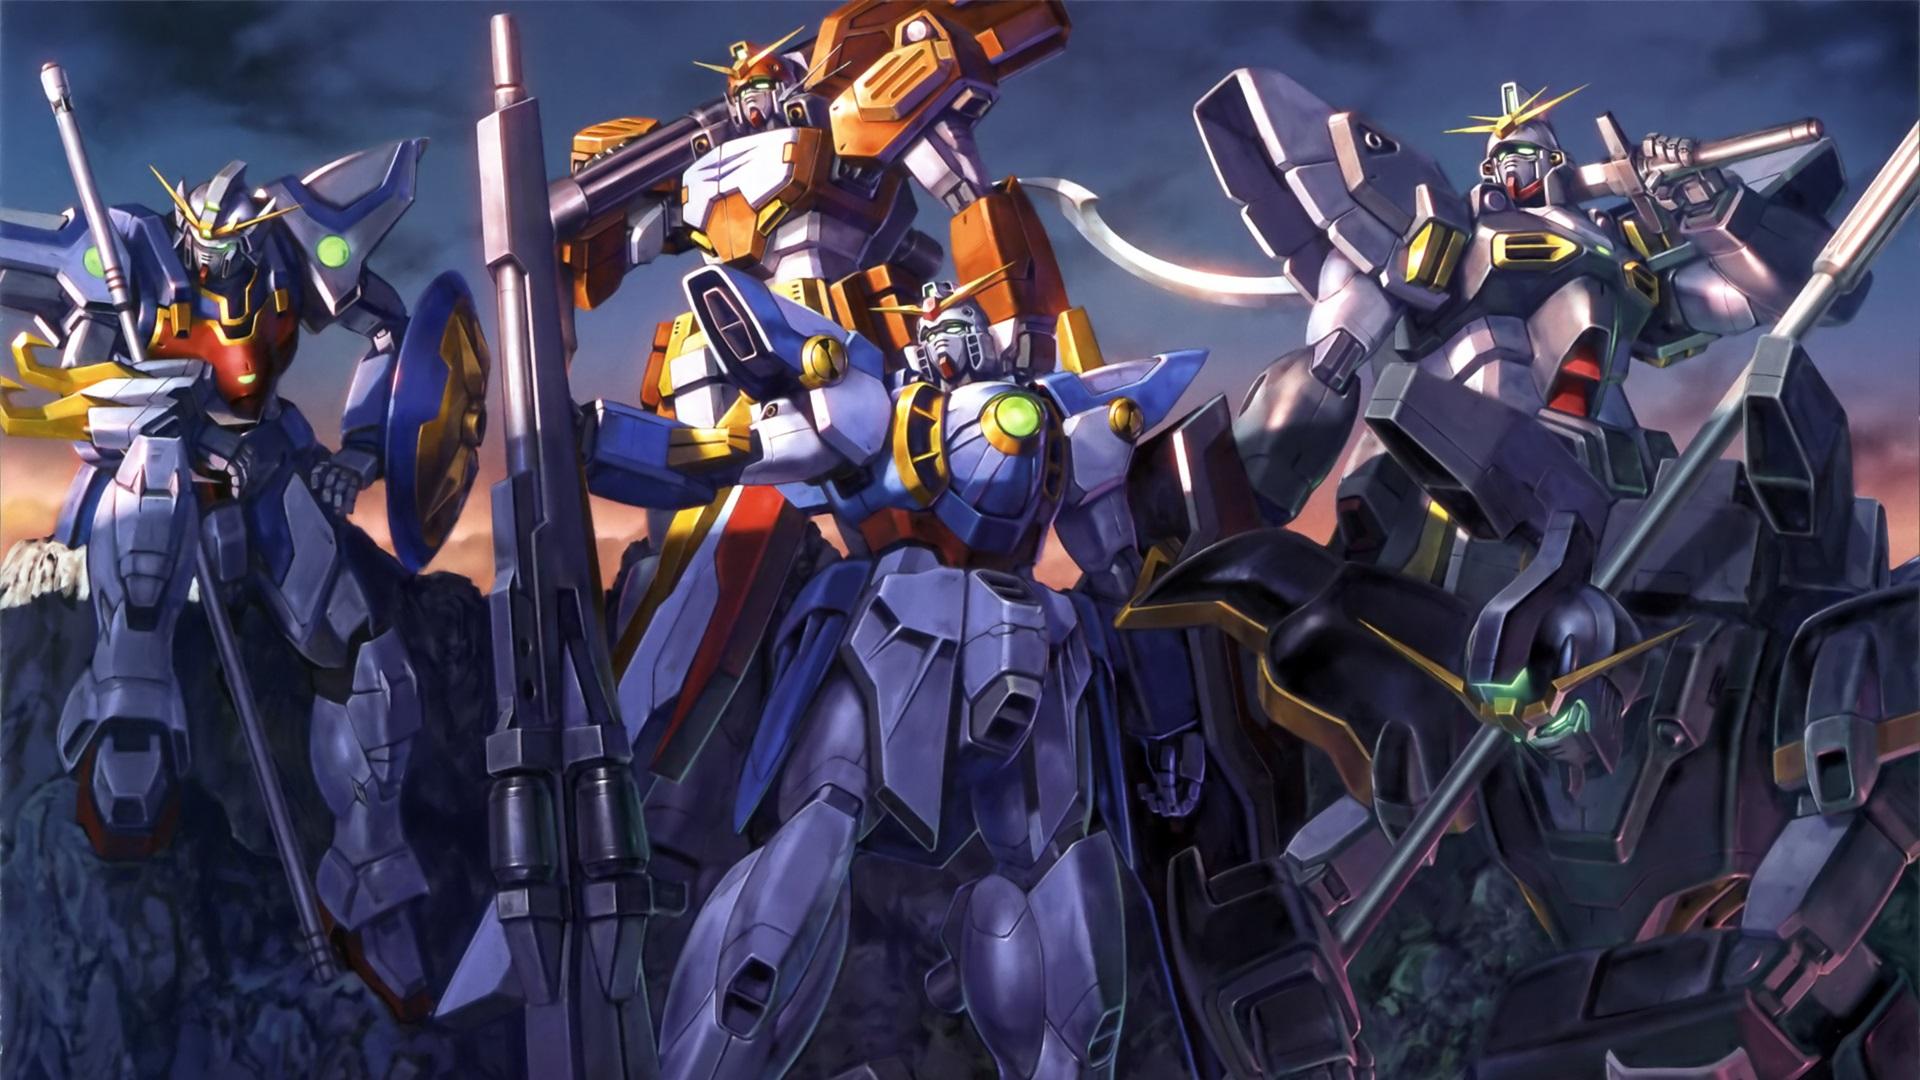 Mobile Suit Gundam Wallpaper 1920x1080 Full Hd